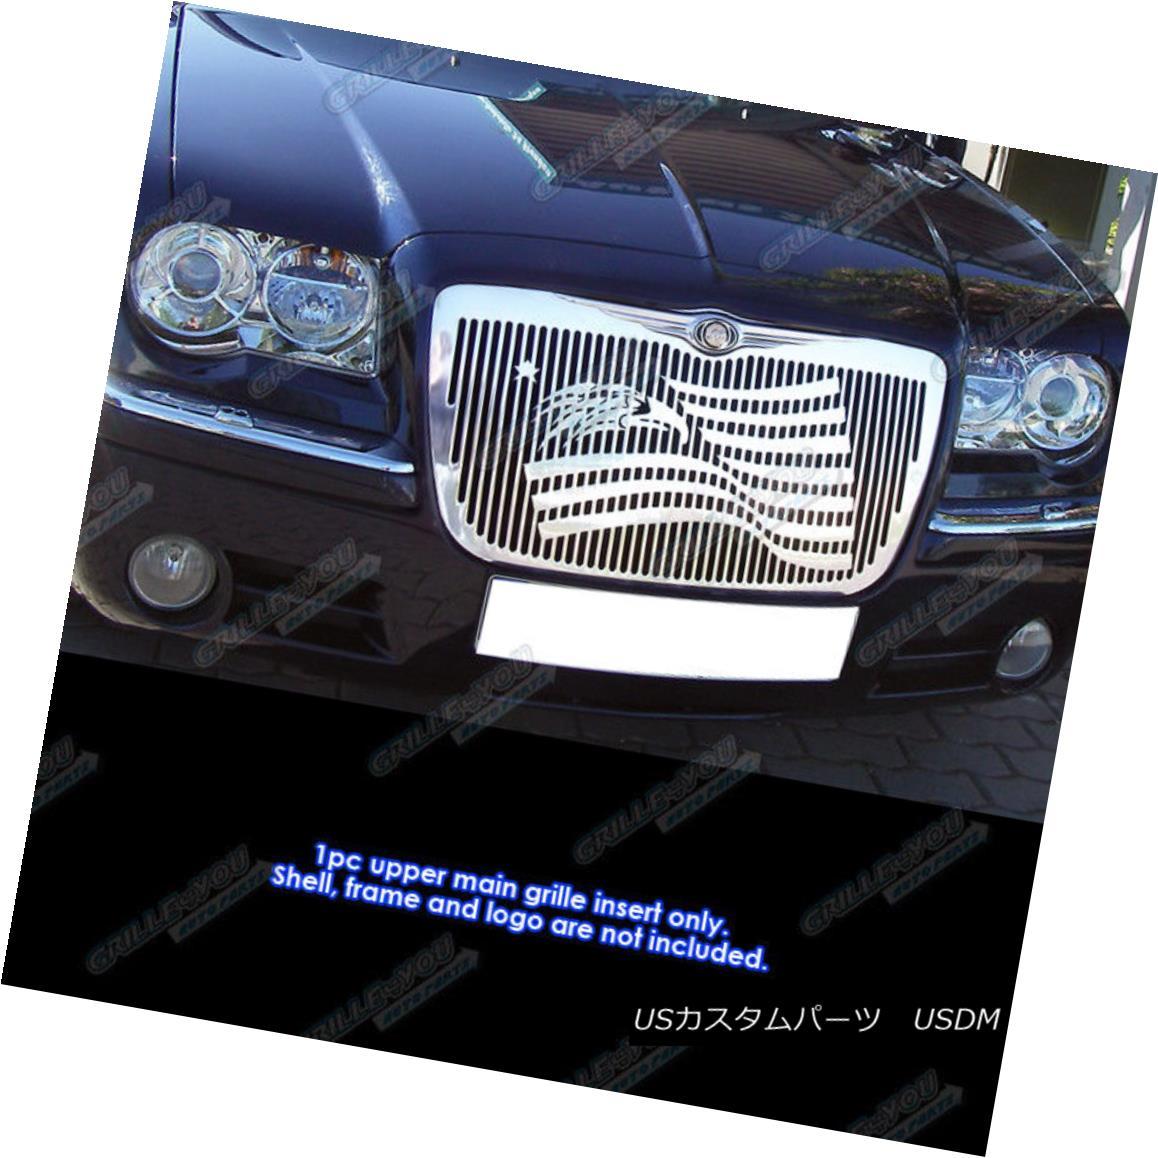 グリル Fits 05-10 Chrysler 300/ 300C Symbolic Grille Insert フィット05-10クライスラー300 / 300Cシンボリックグリルインサート